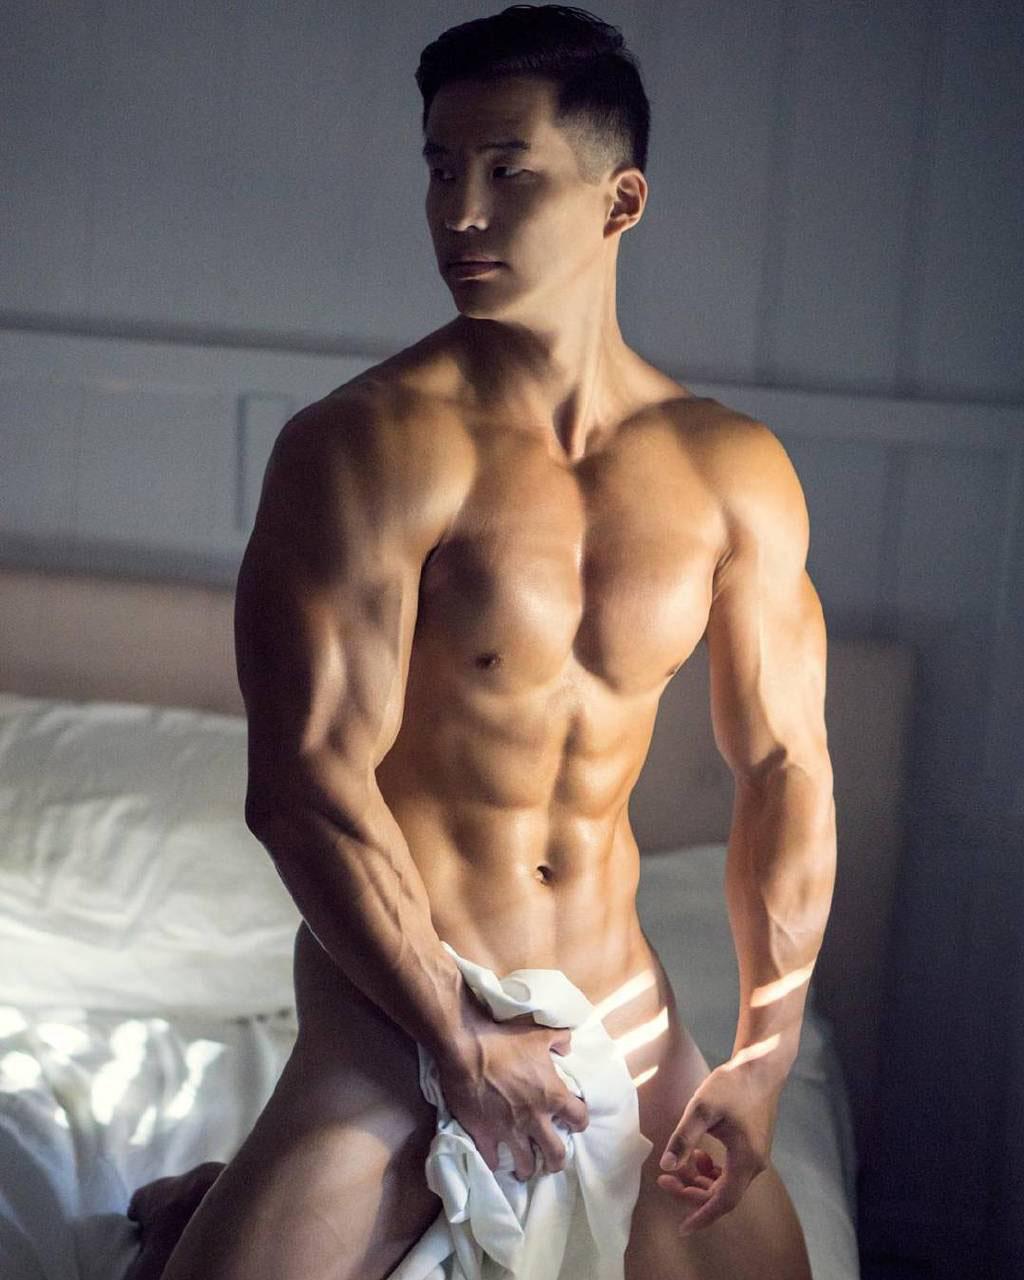 肌肉帅哥睡觉脱内裤现男人命根子